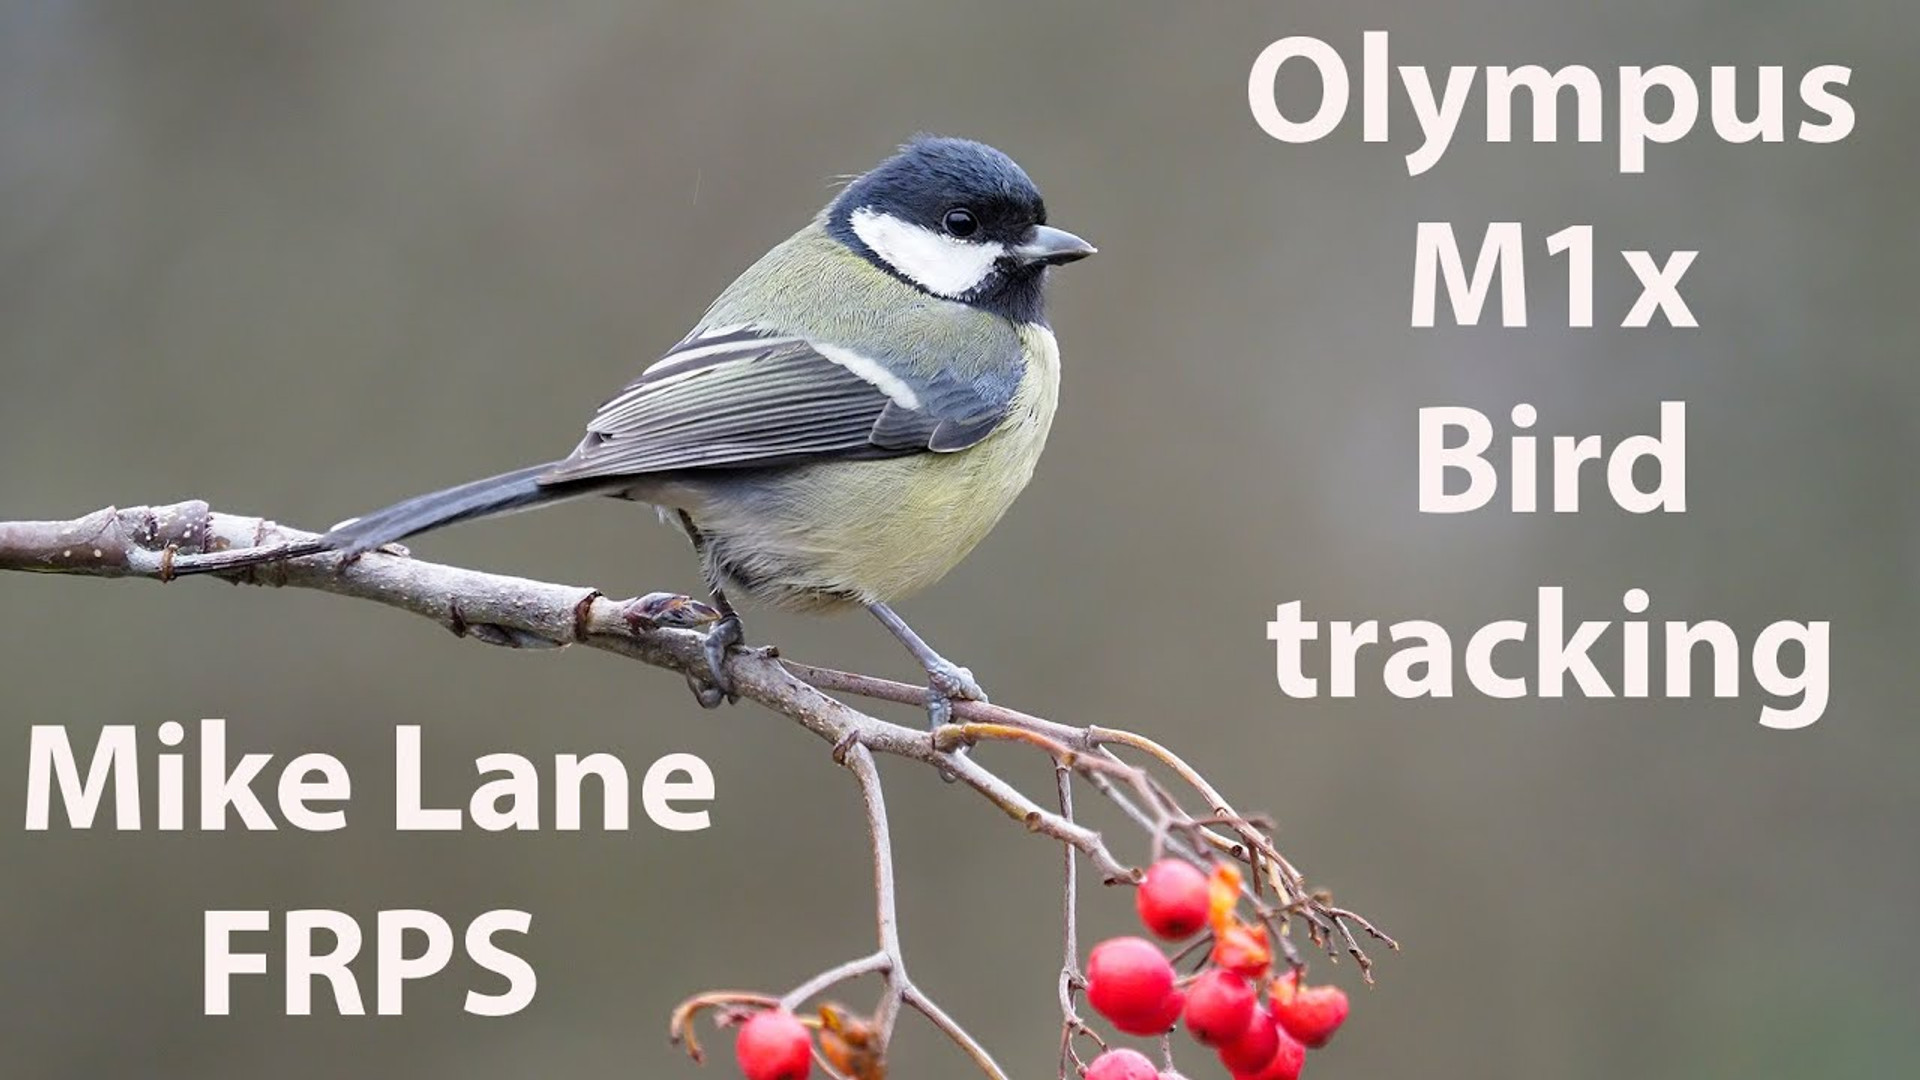 Olympus M1x Bird Tracking